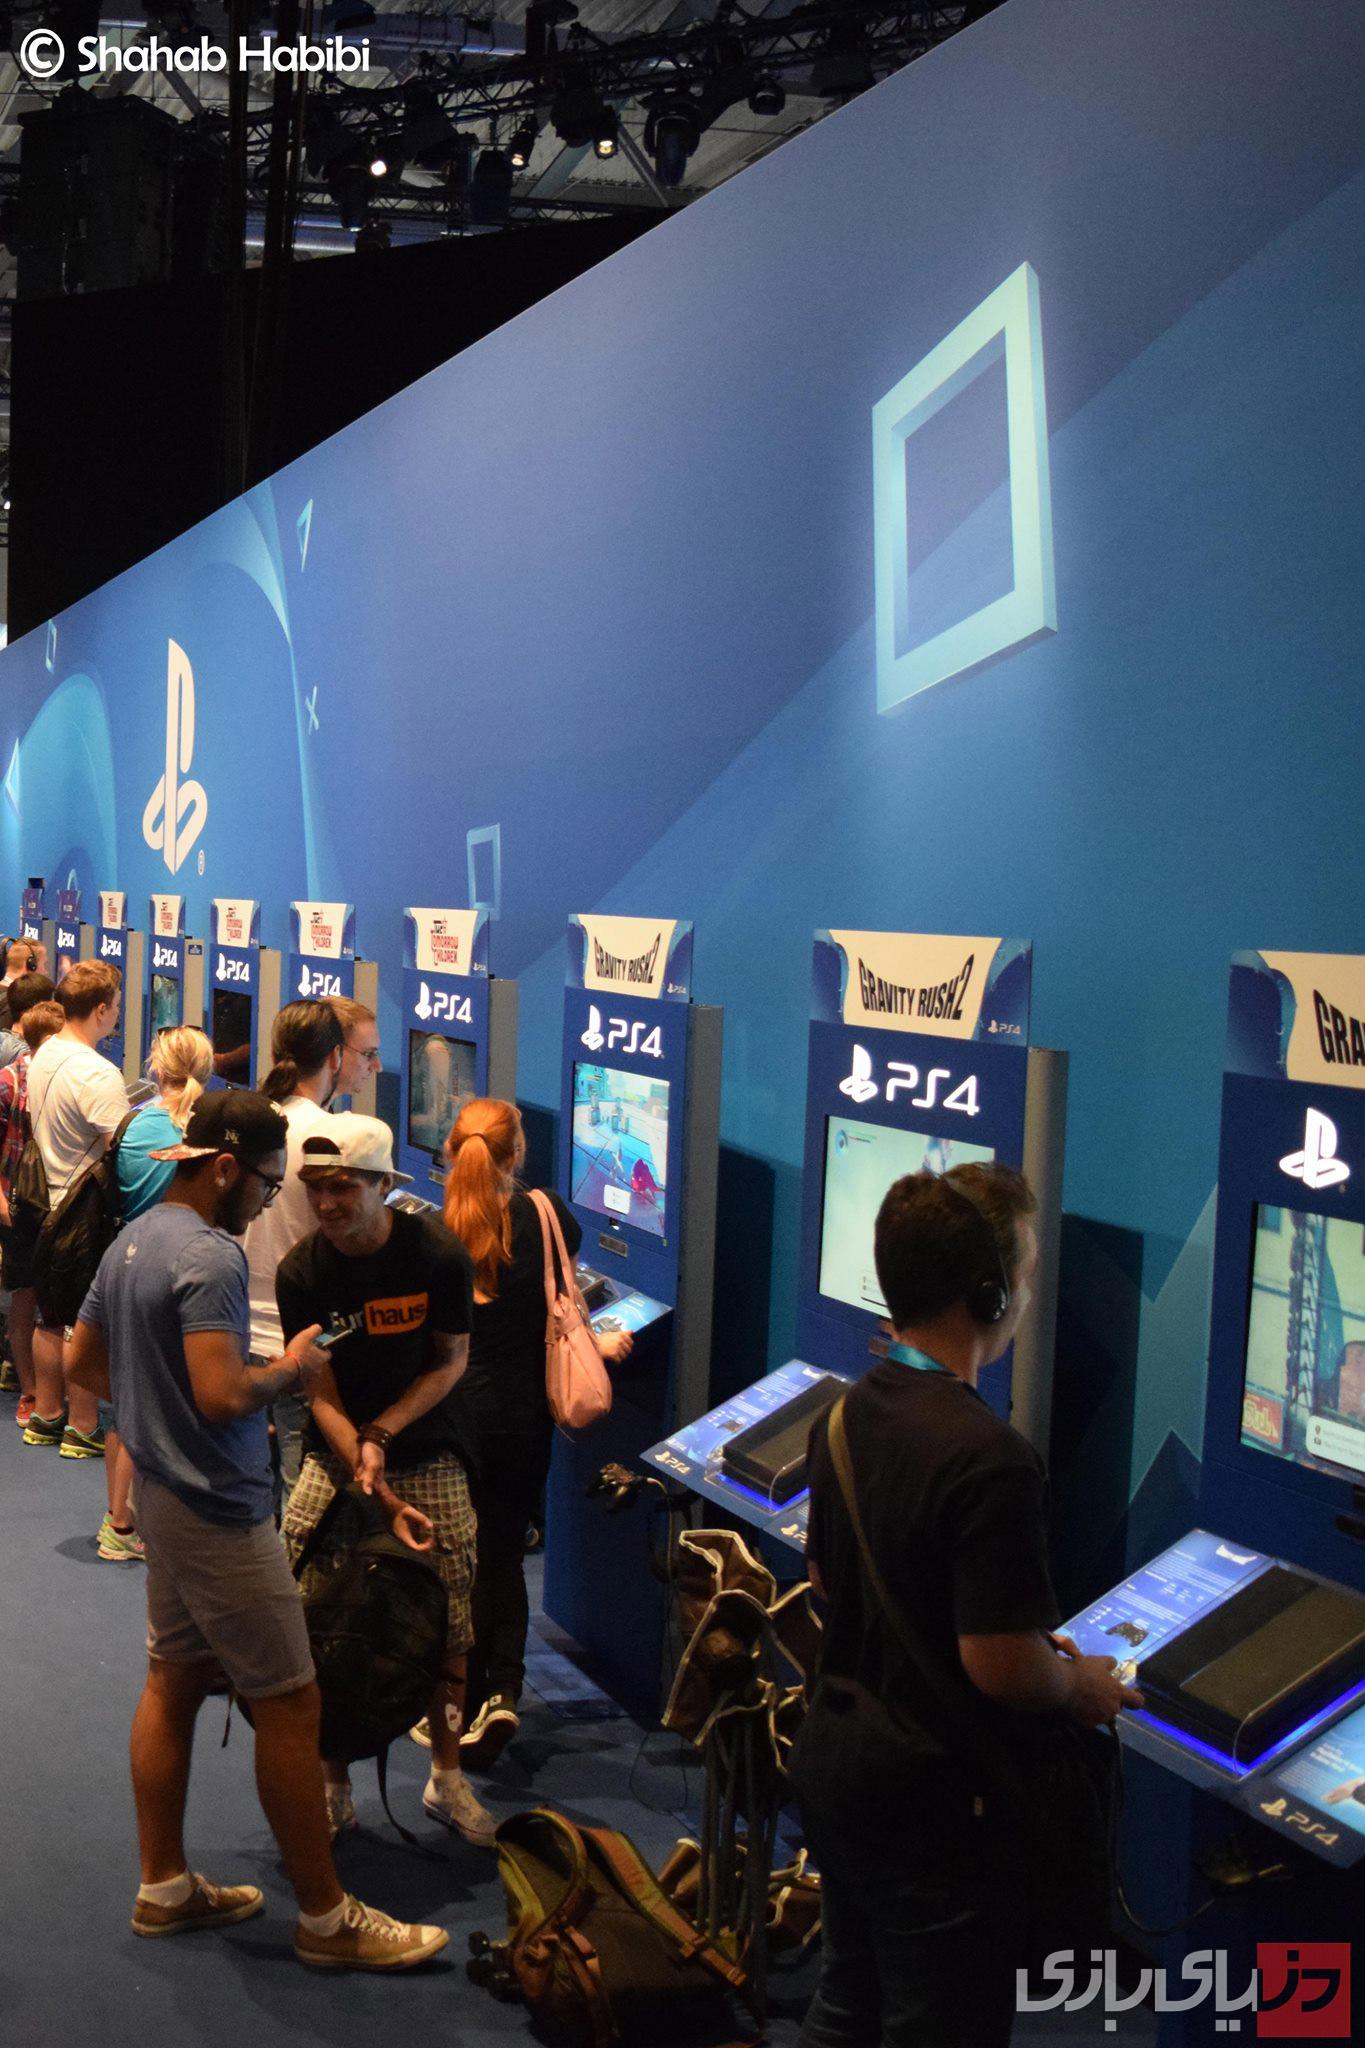 PS4 هم با ارائه نسخه دوم بازی Gravity Falls ، حسابی مورد استقبال شرکت کننده ها قرار گرفته بود. بازی که در نوع خود، اولین است و کاربر را در فضایی قرار می دهد، که می تواند مطابق خواسته خود، جهت جاذبه را کنترل کند. یک تجربه زیبا، به خصوص وقتی با VR هم همراه شود.